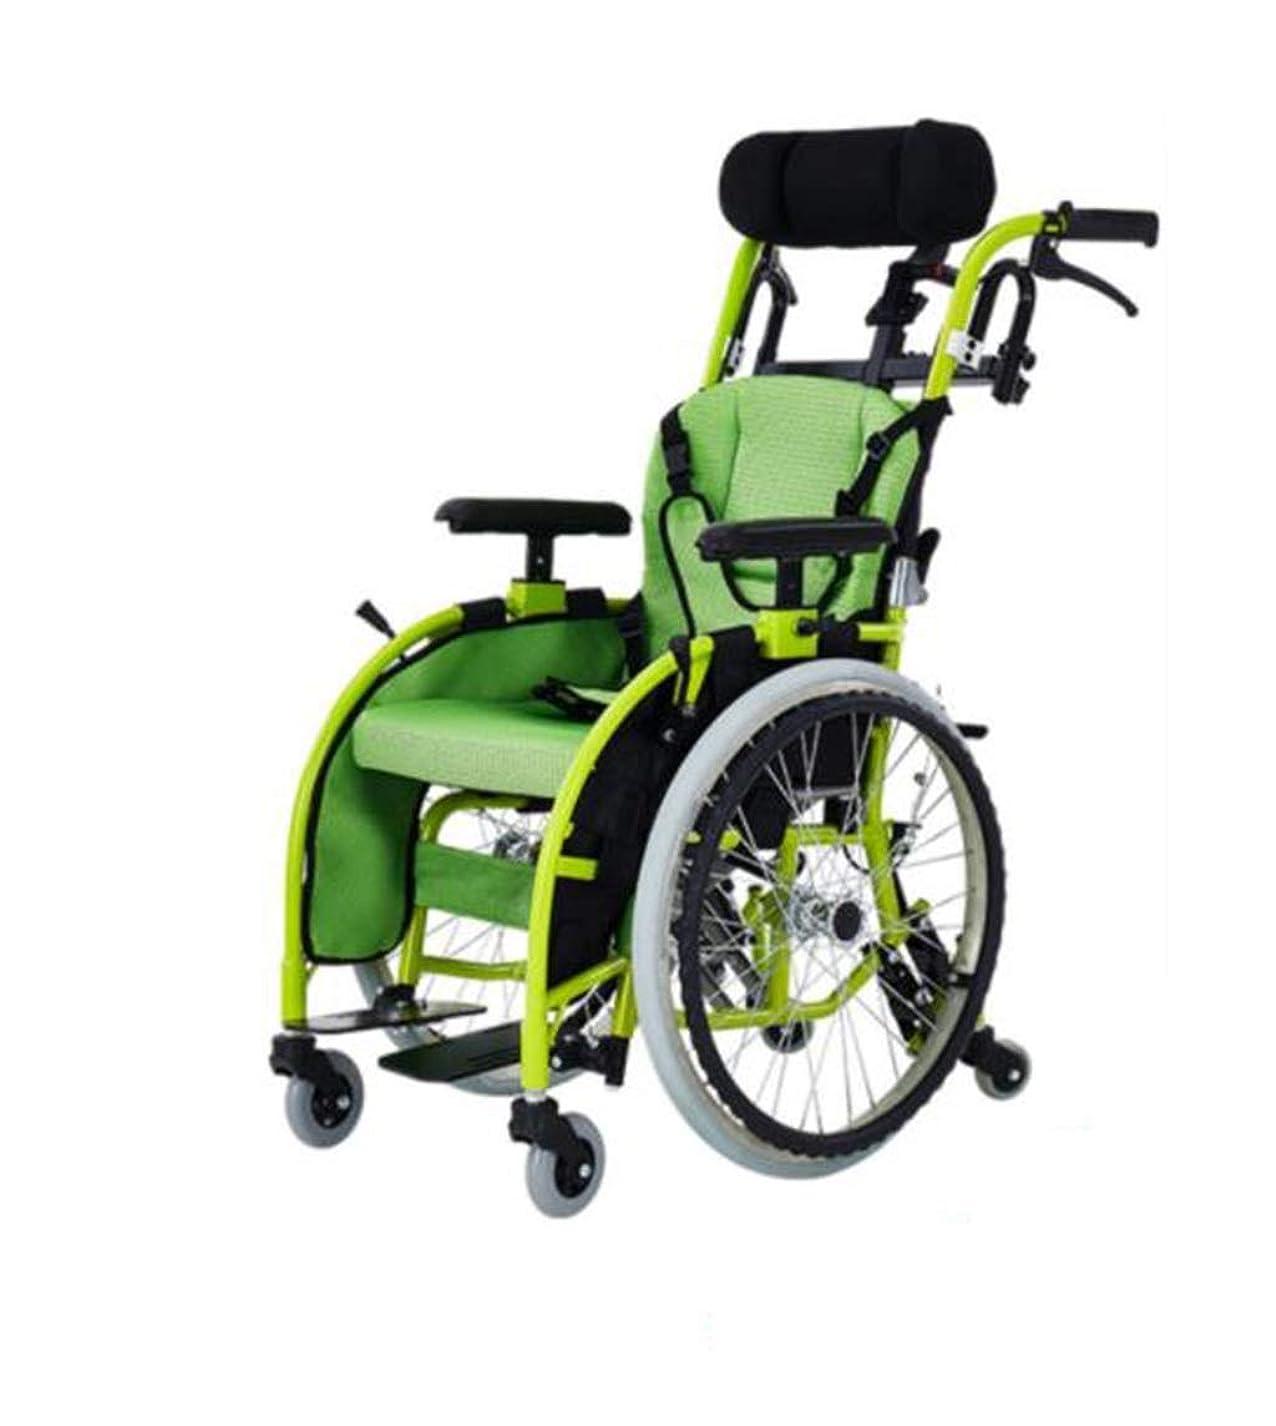 泥だらけ不忠一貫性のない子供用車椅子折りたたみライト小さなポータブルハンディキャップトロリー子供アルミ合金手動車椅子